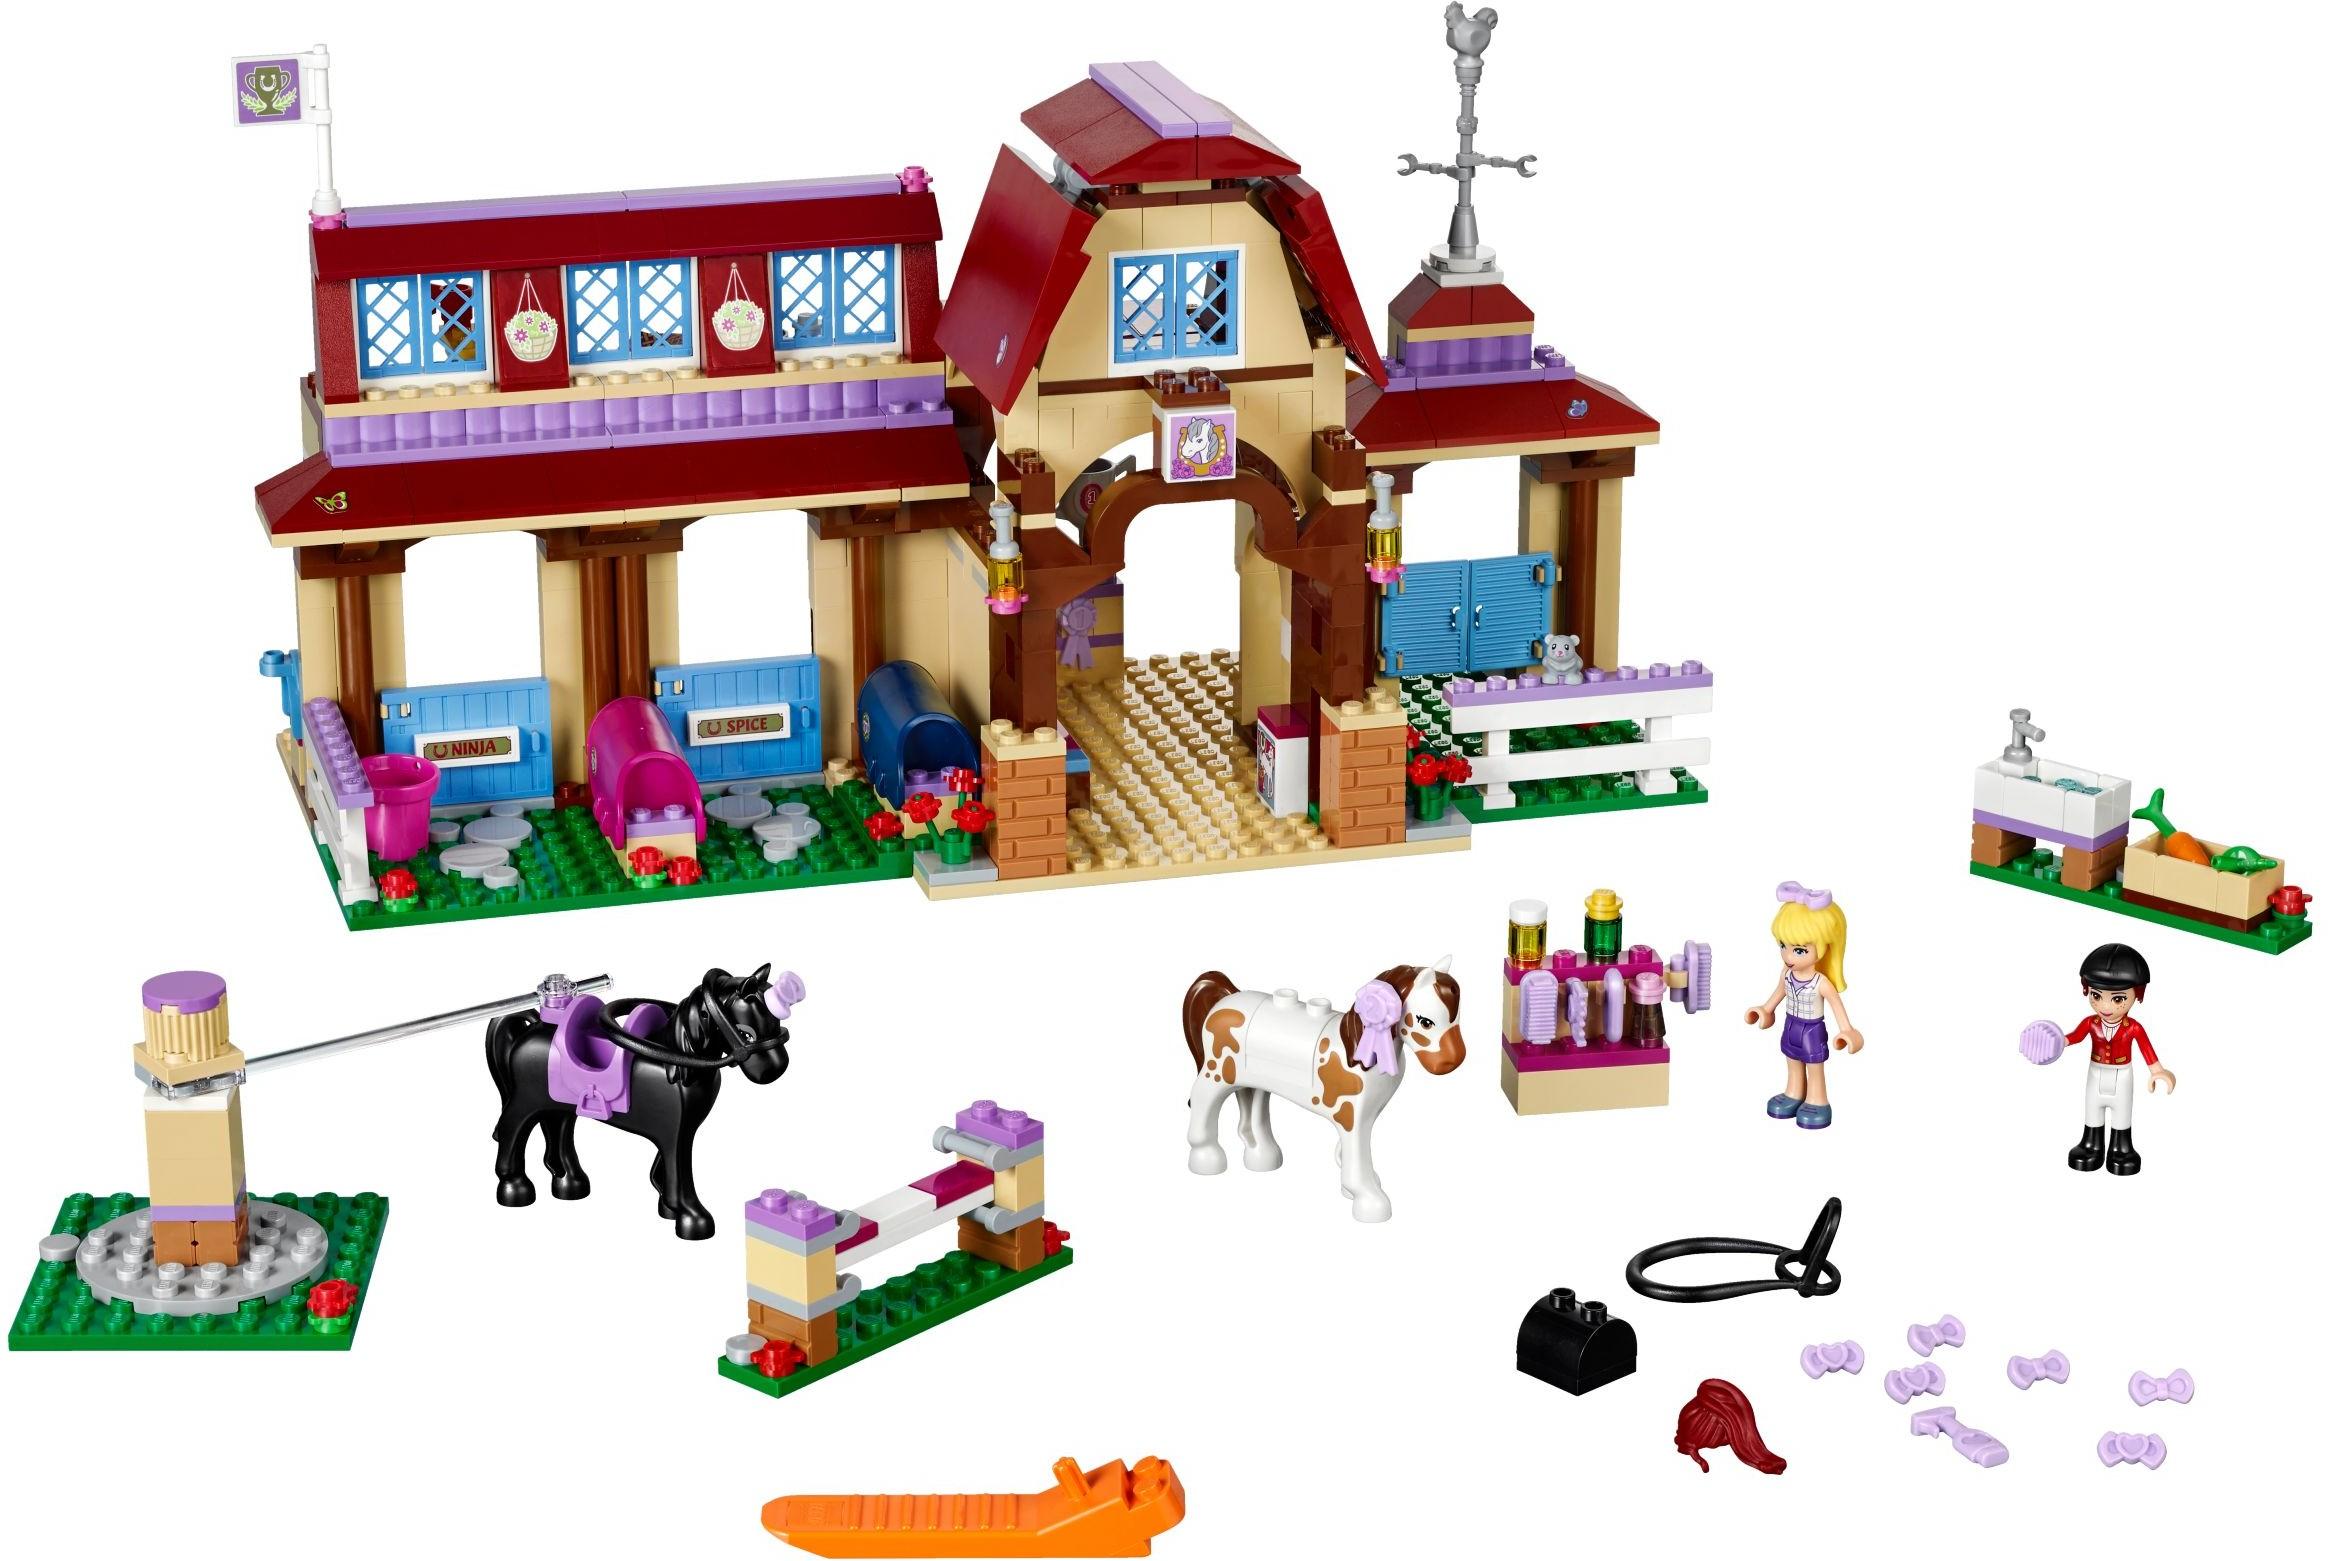 Đồ Chơi Xếp Hình - Câu Lạc Bộ Đua Ngựa Heartlake Thương Hiệu LEGO